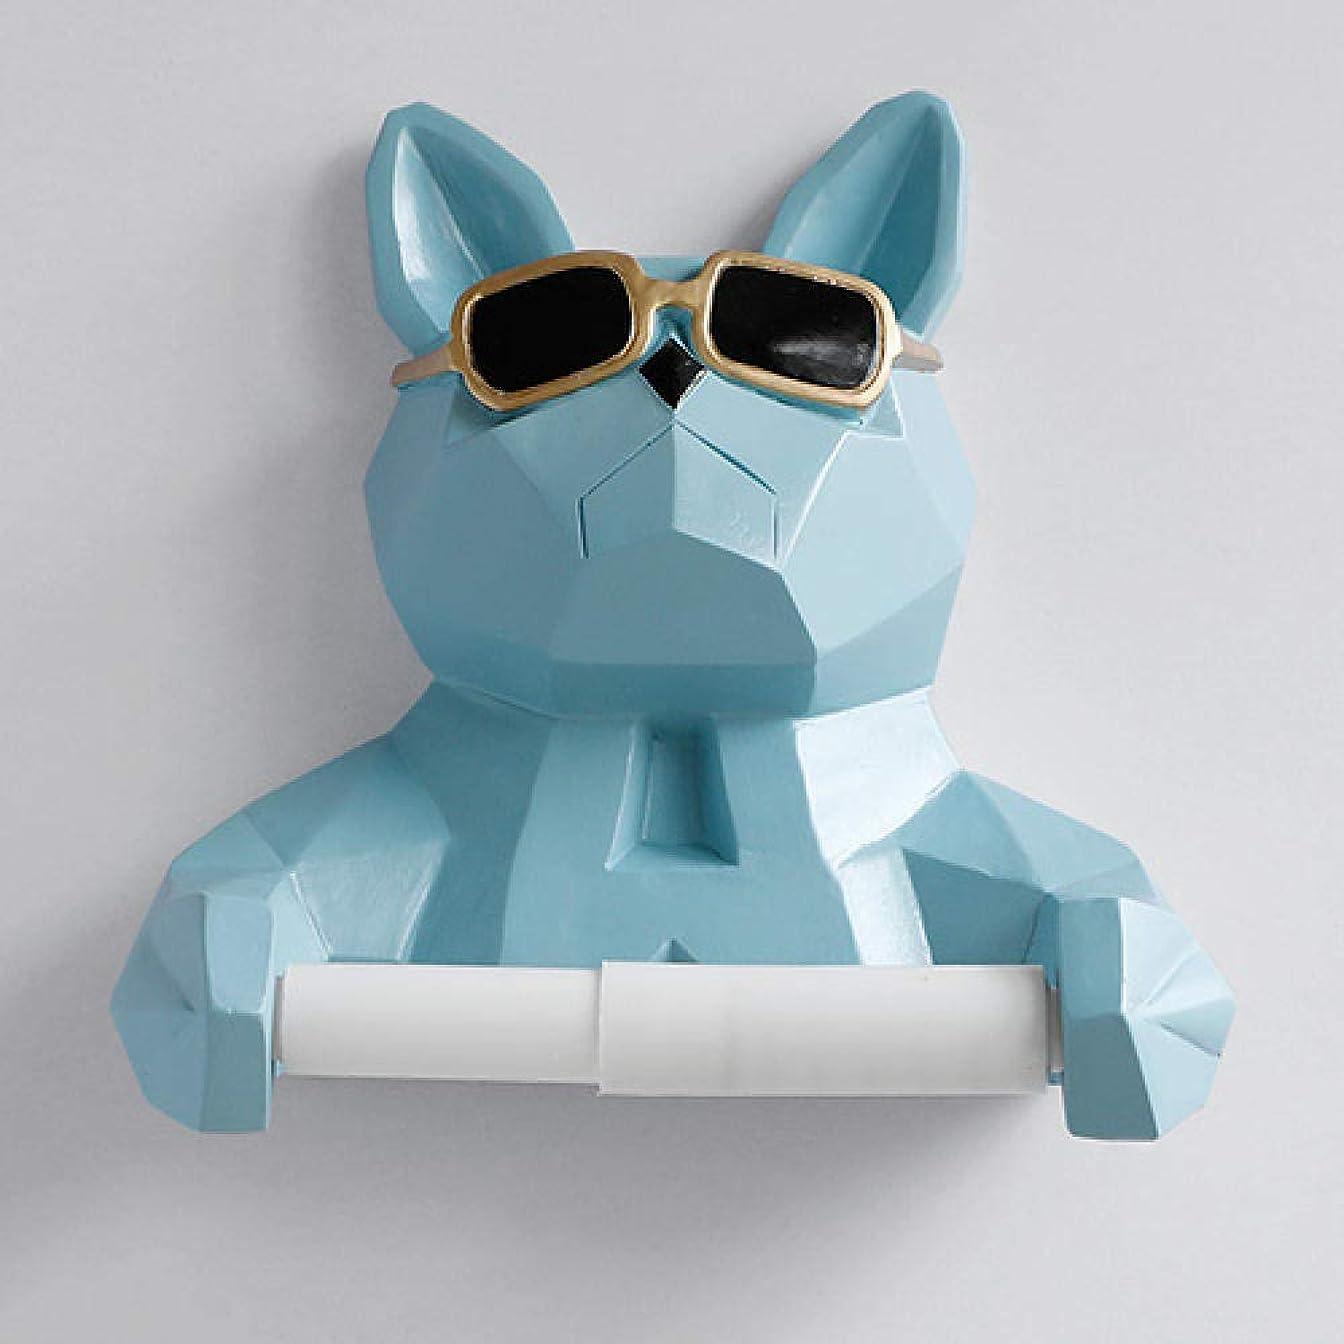 信念要求均等にShiSyan ティッシュケース おしゃれ ティッシュボックスティッシュボックスストレージボックスティッシュホルダークリエイティブ動物の頭部像置物ティッシュホルダートイレ洗面所の壁の家の装飾のロール紙のティッシュボックスホルダー-Blue_Dogハンギング 卓上 収納 便利 インテリア 家庭事務室に適しています